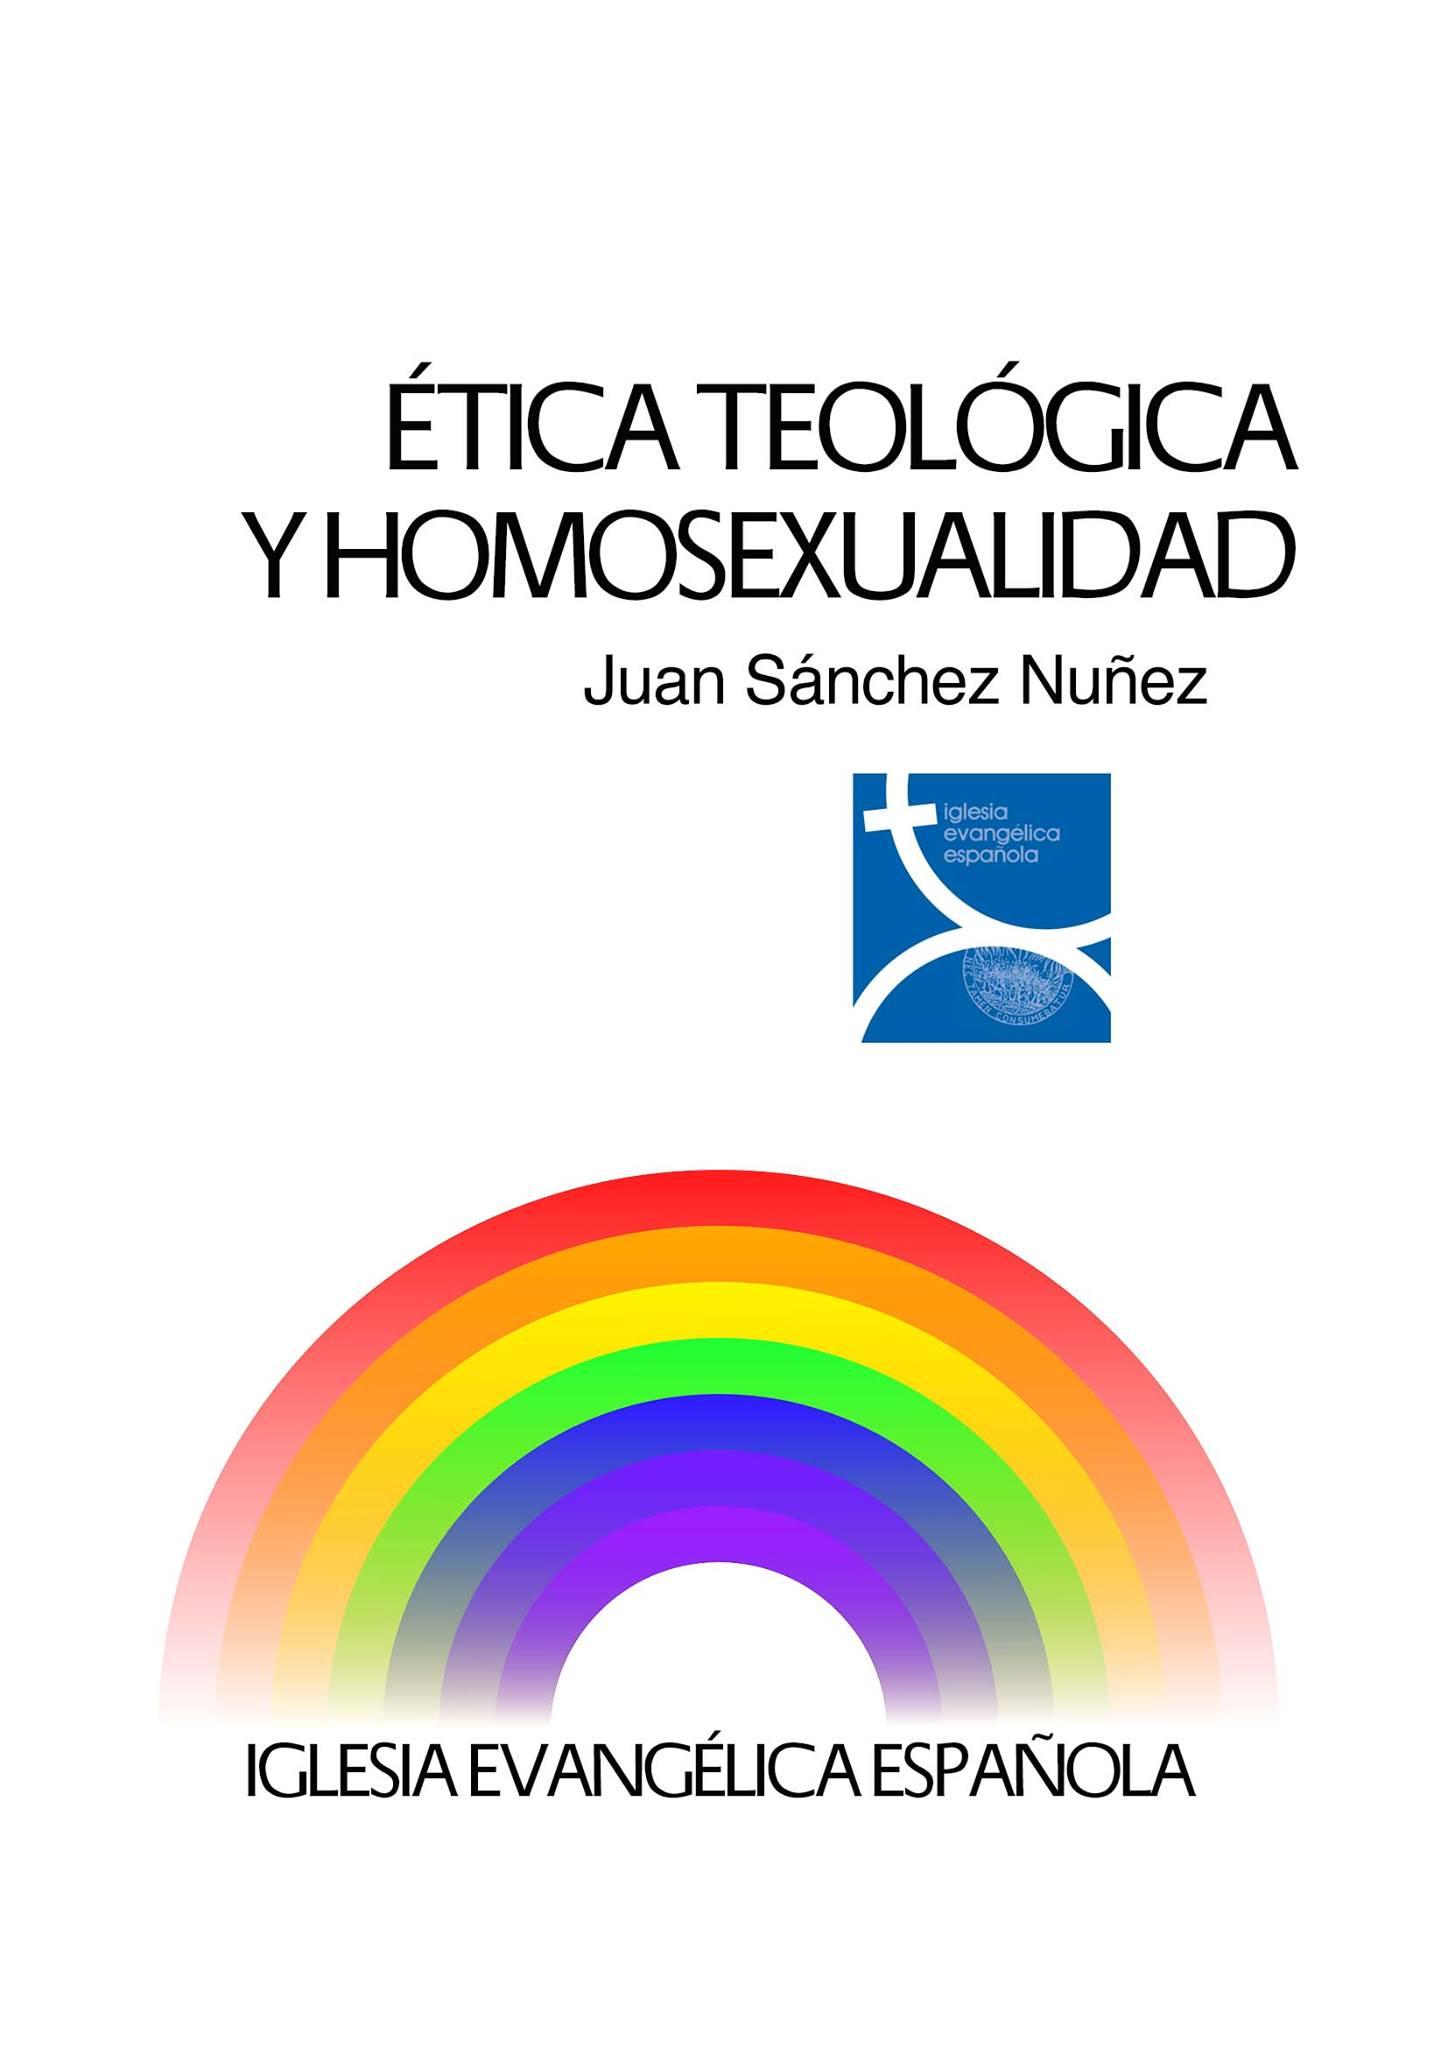 20150315 Etica teologica